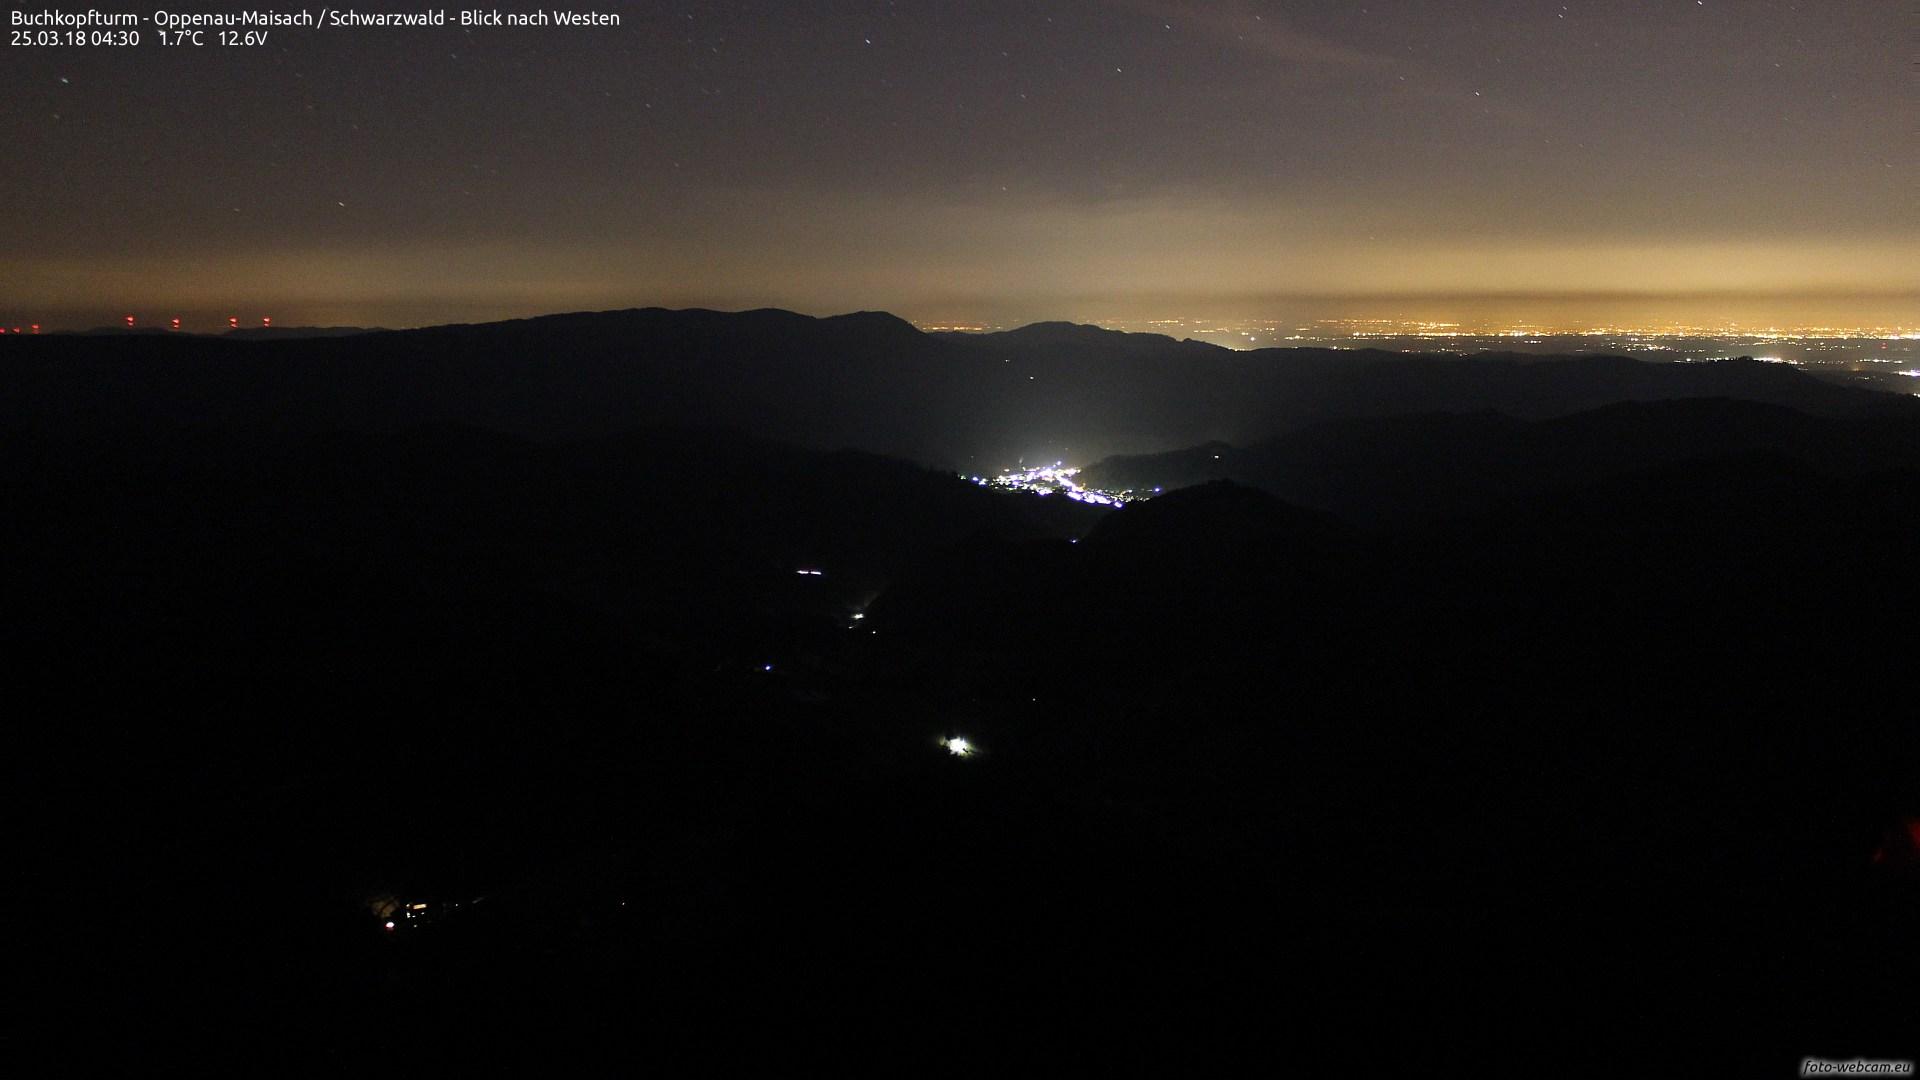 Aufnahme: Buchkopfturm vom 25.03.2018 04:30